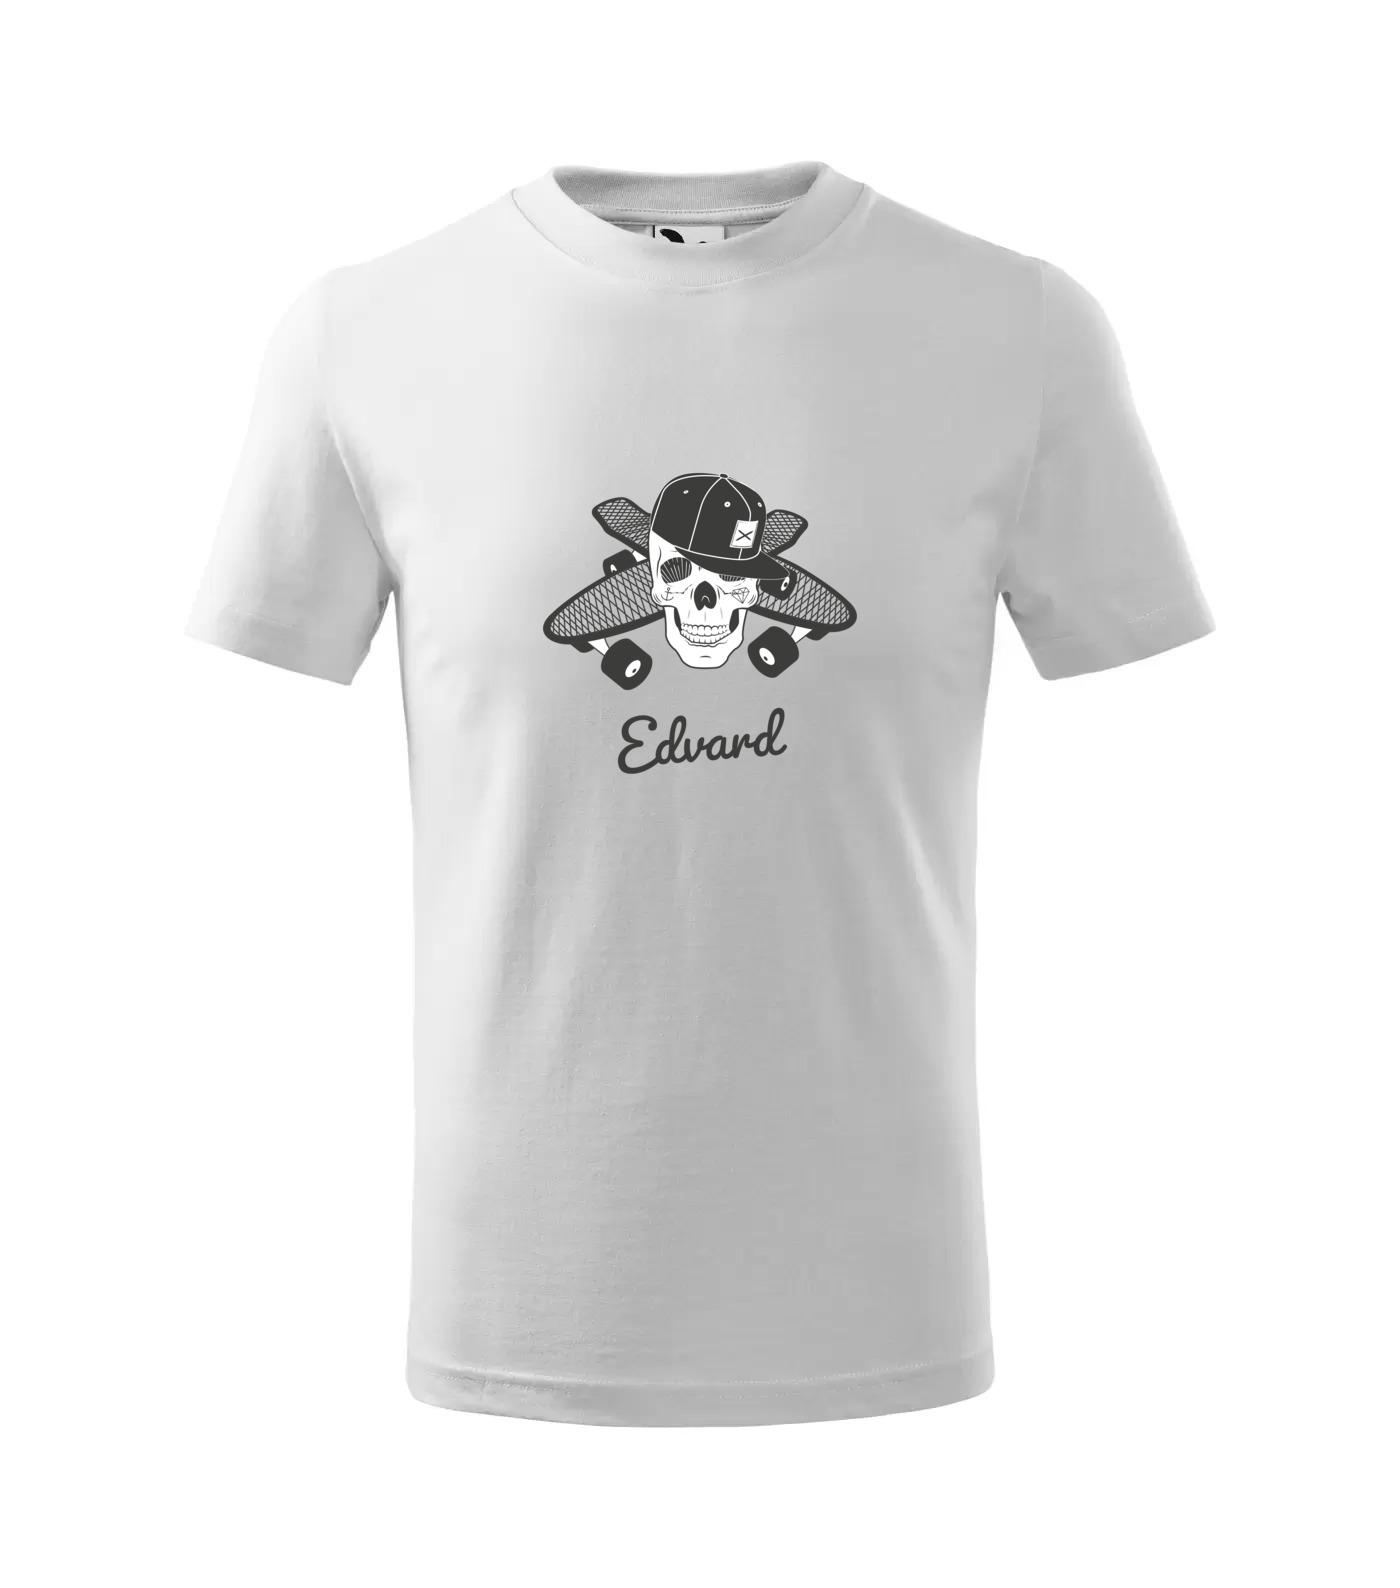 Tričko Skejťák Edvard